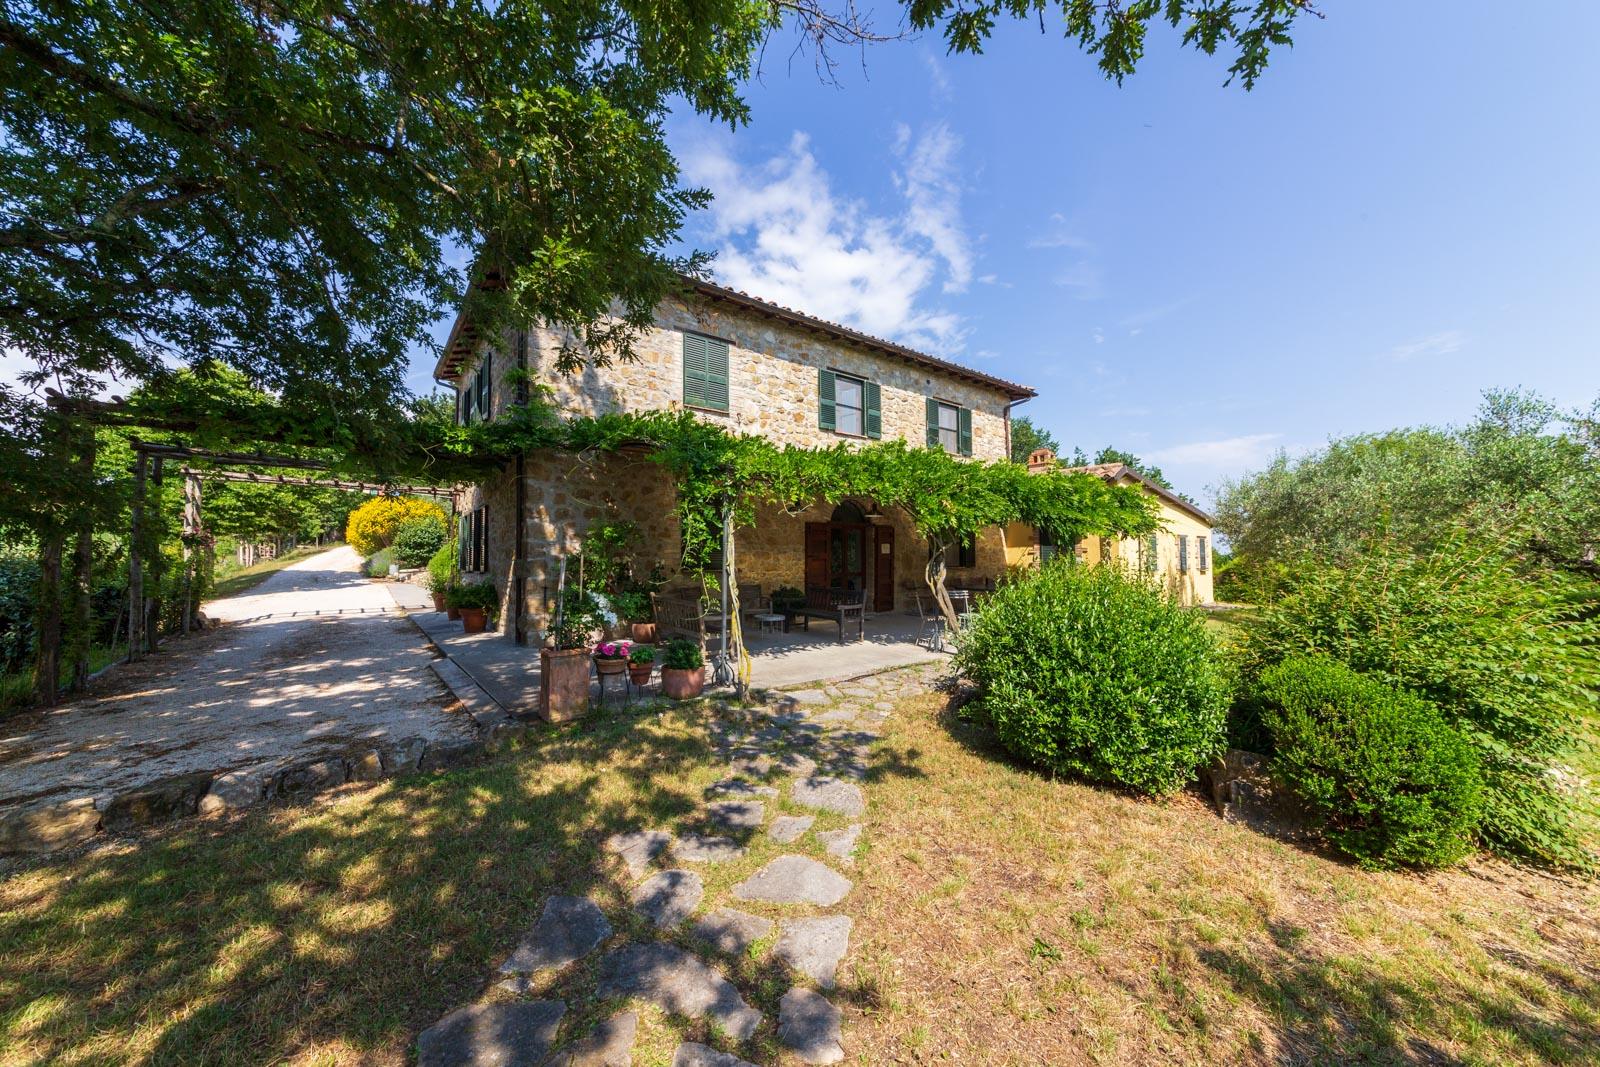 Anwesen in sehr schöner Panoramalage mit zwei Häusern, Pool, Garten und vielseitigen Nutzungsmöglichkeiten